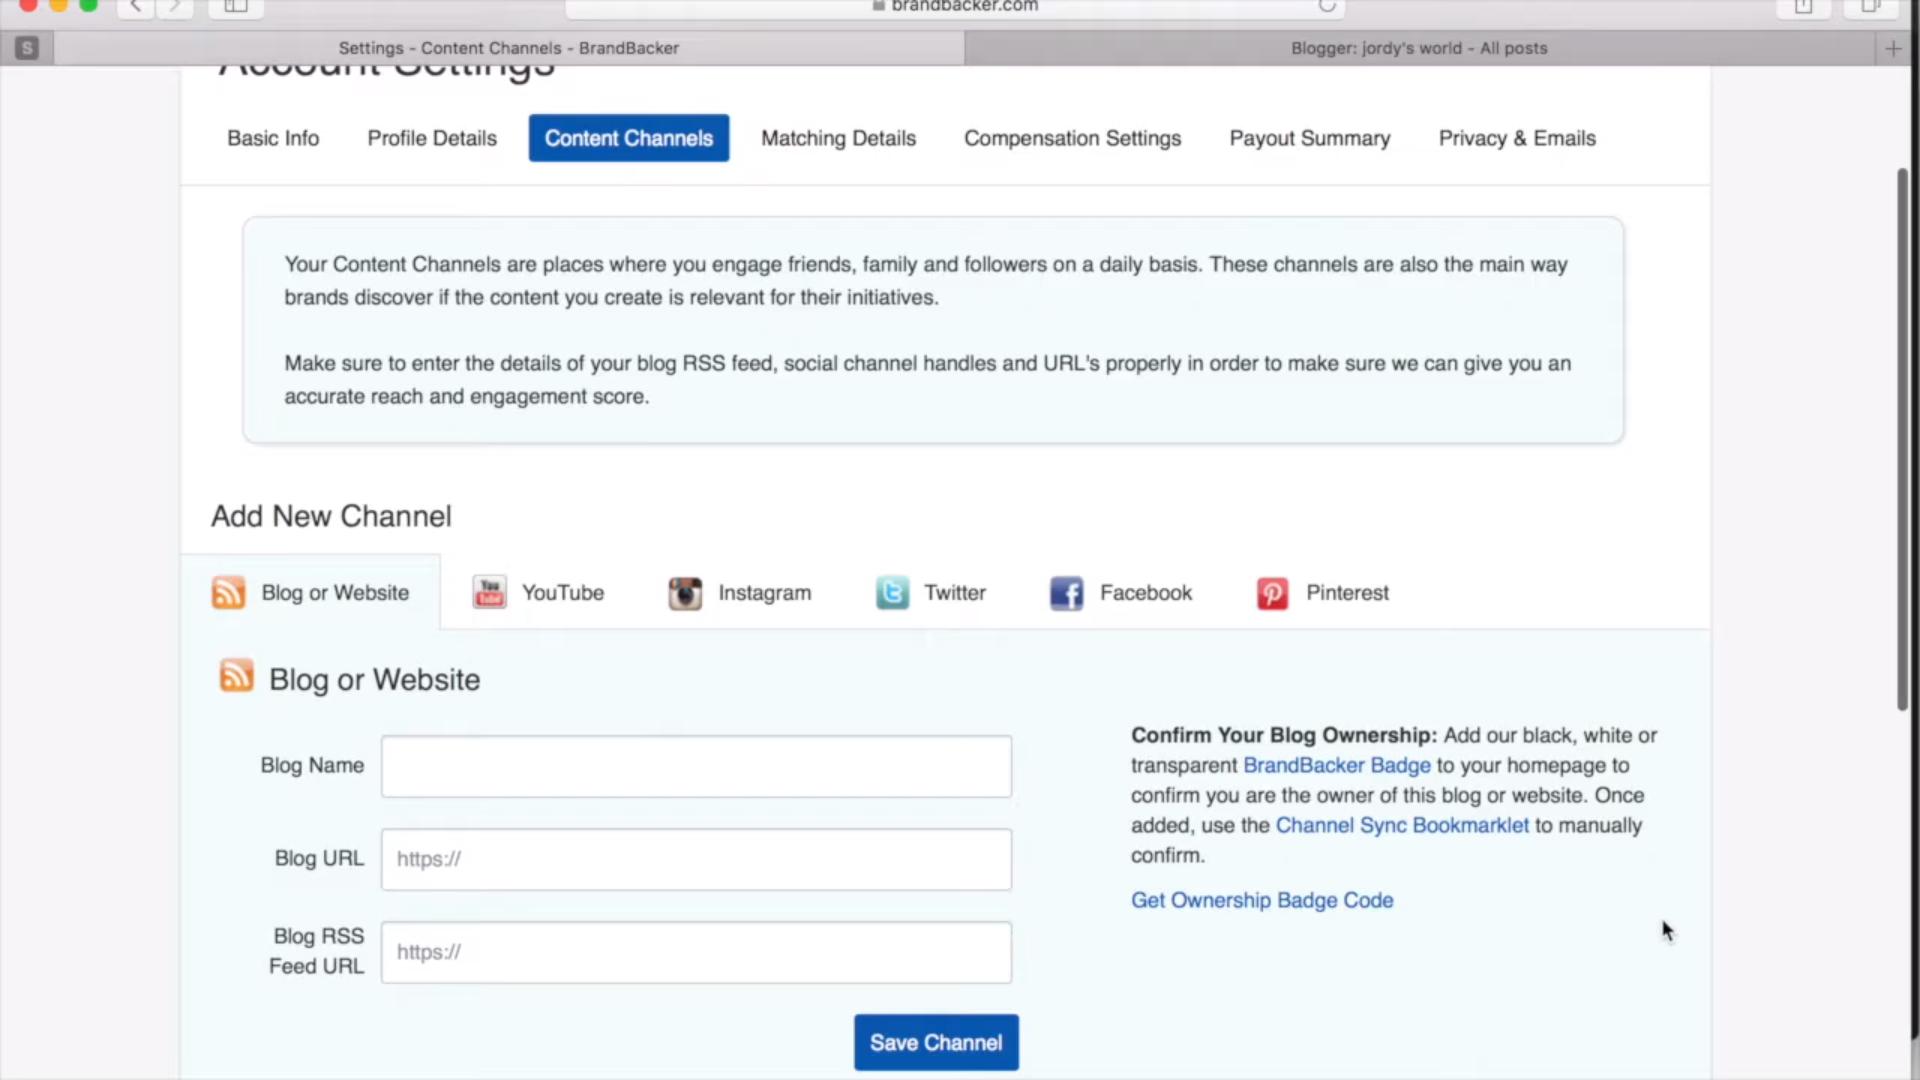 BrandBacker social media channels